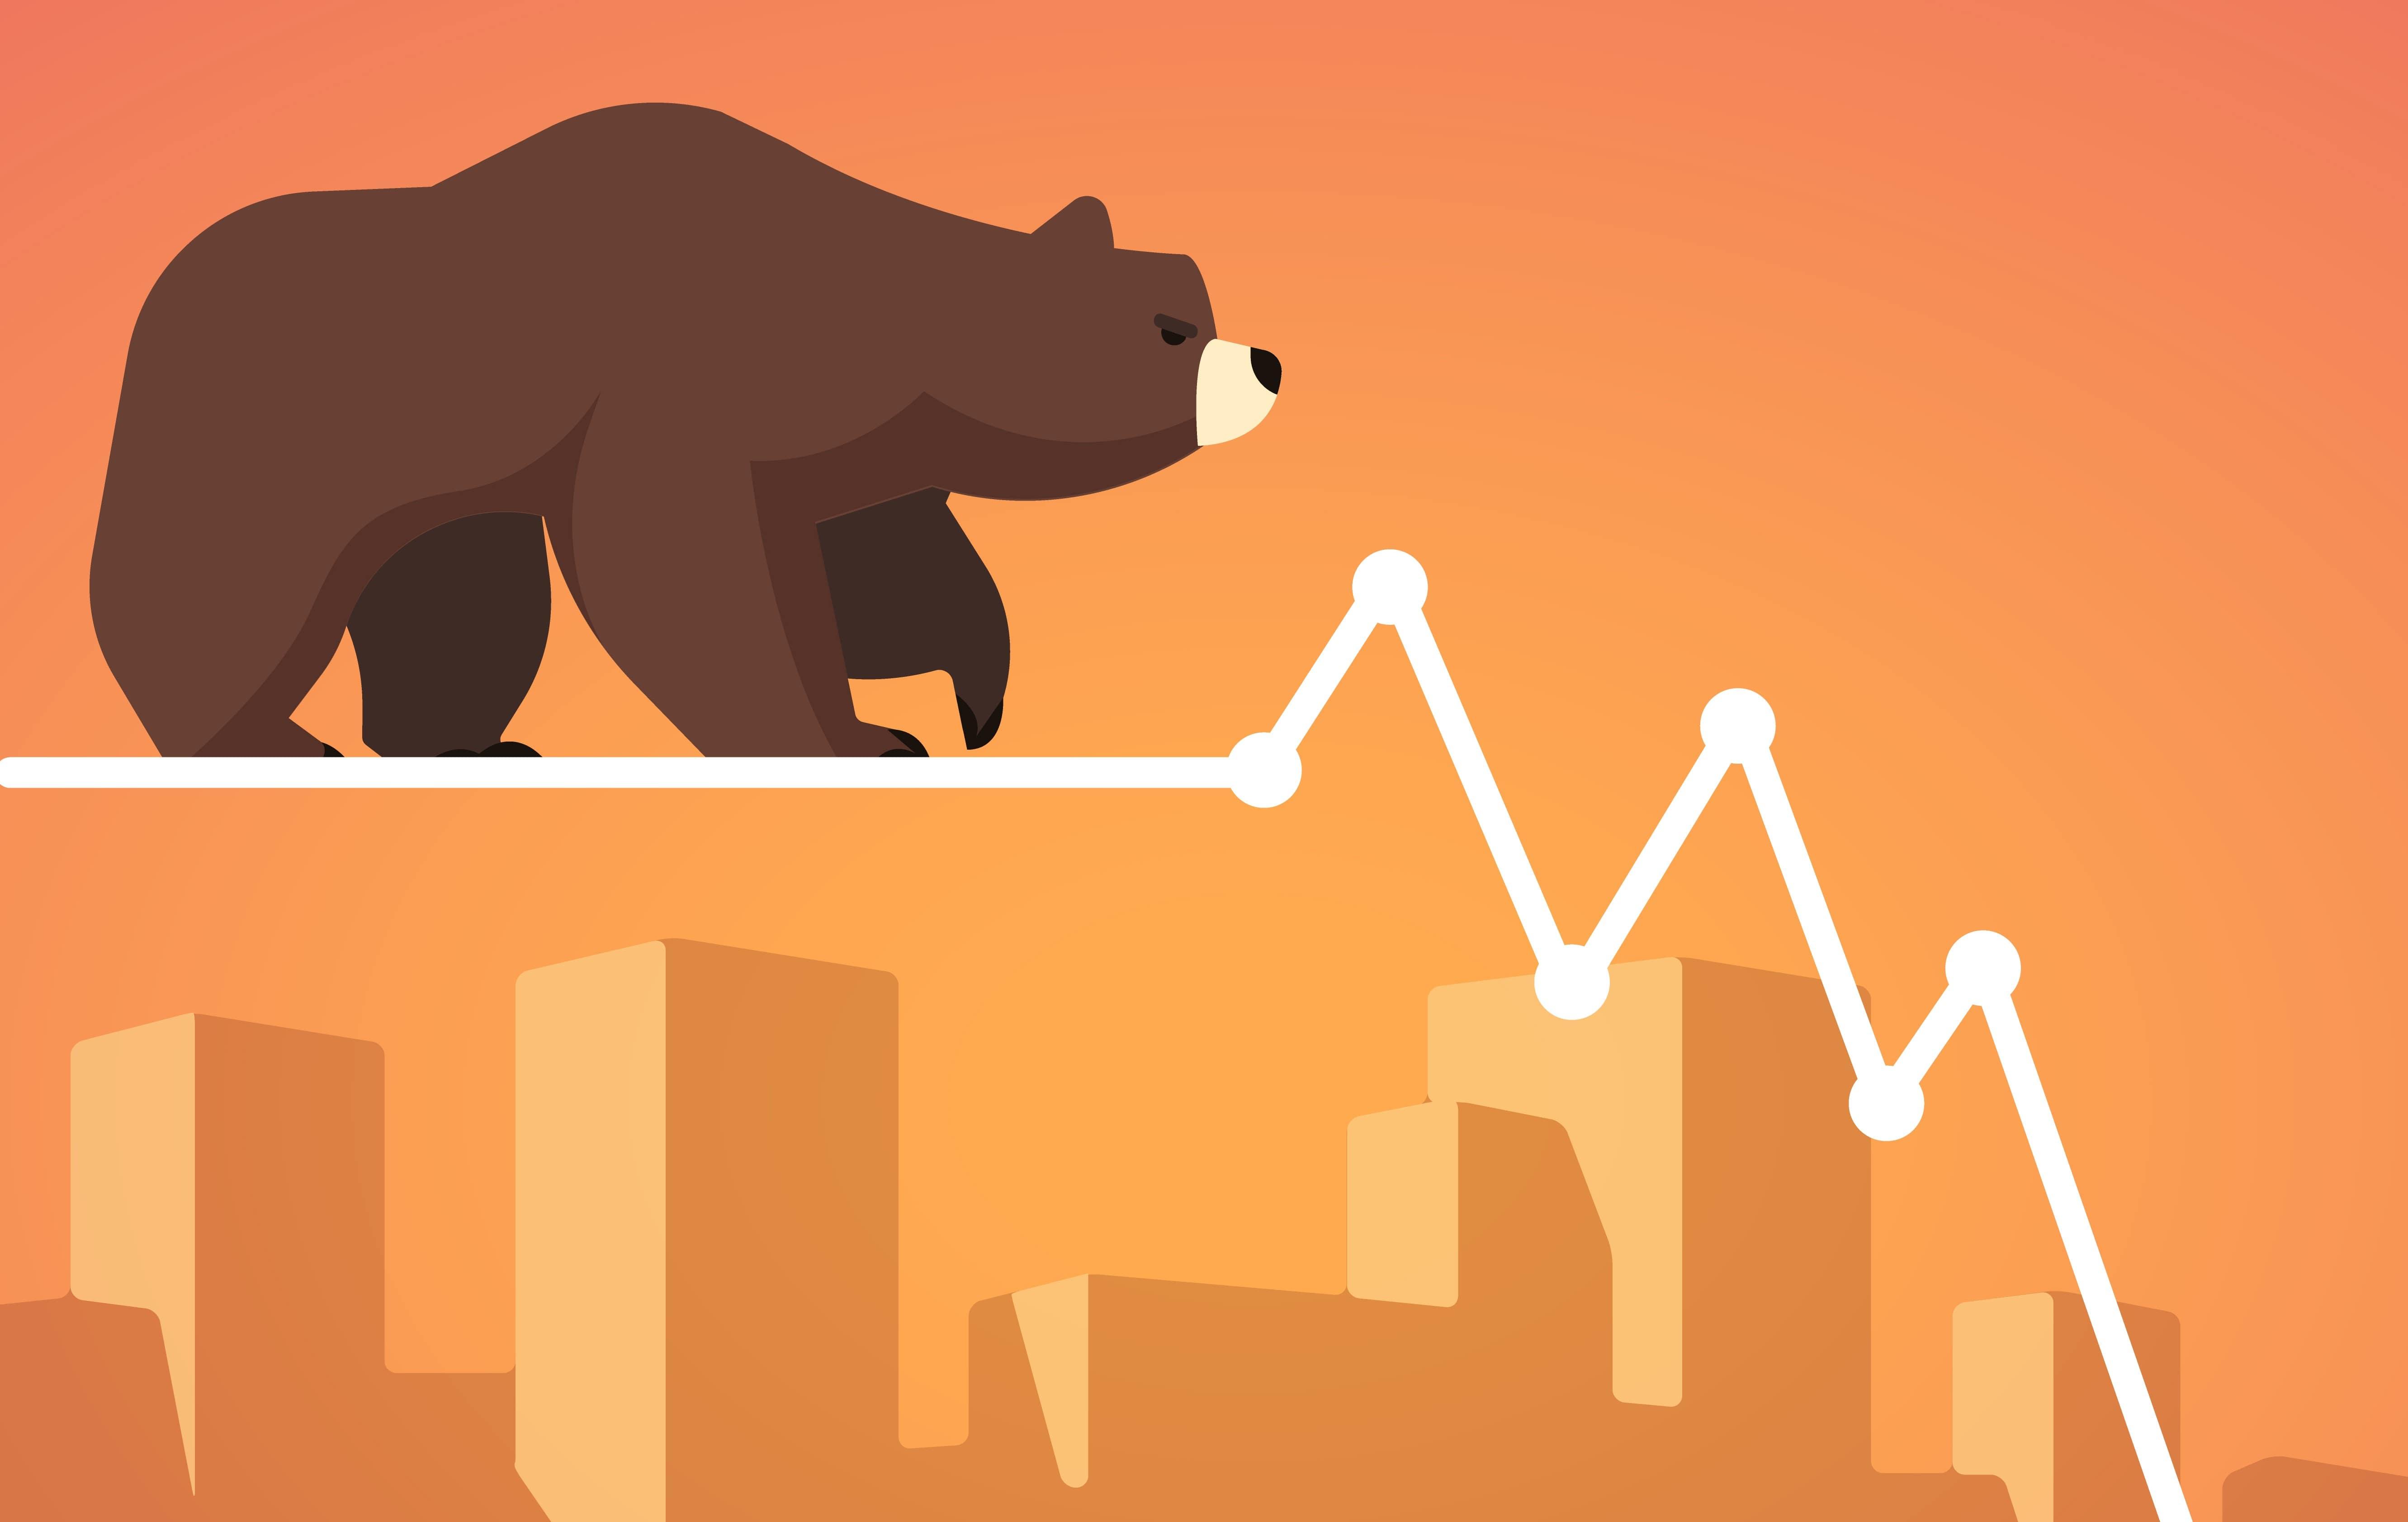 Ausblick Aktienmarkt 2019: 70% Korrekturwarnung zum möglichen Crash